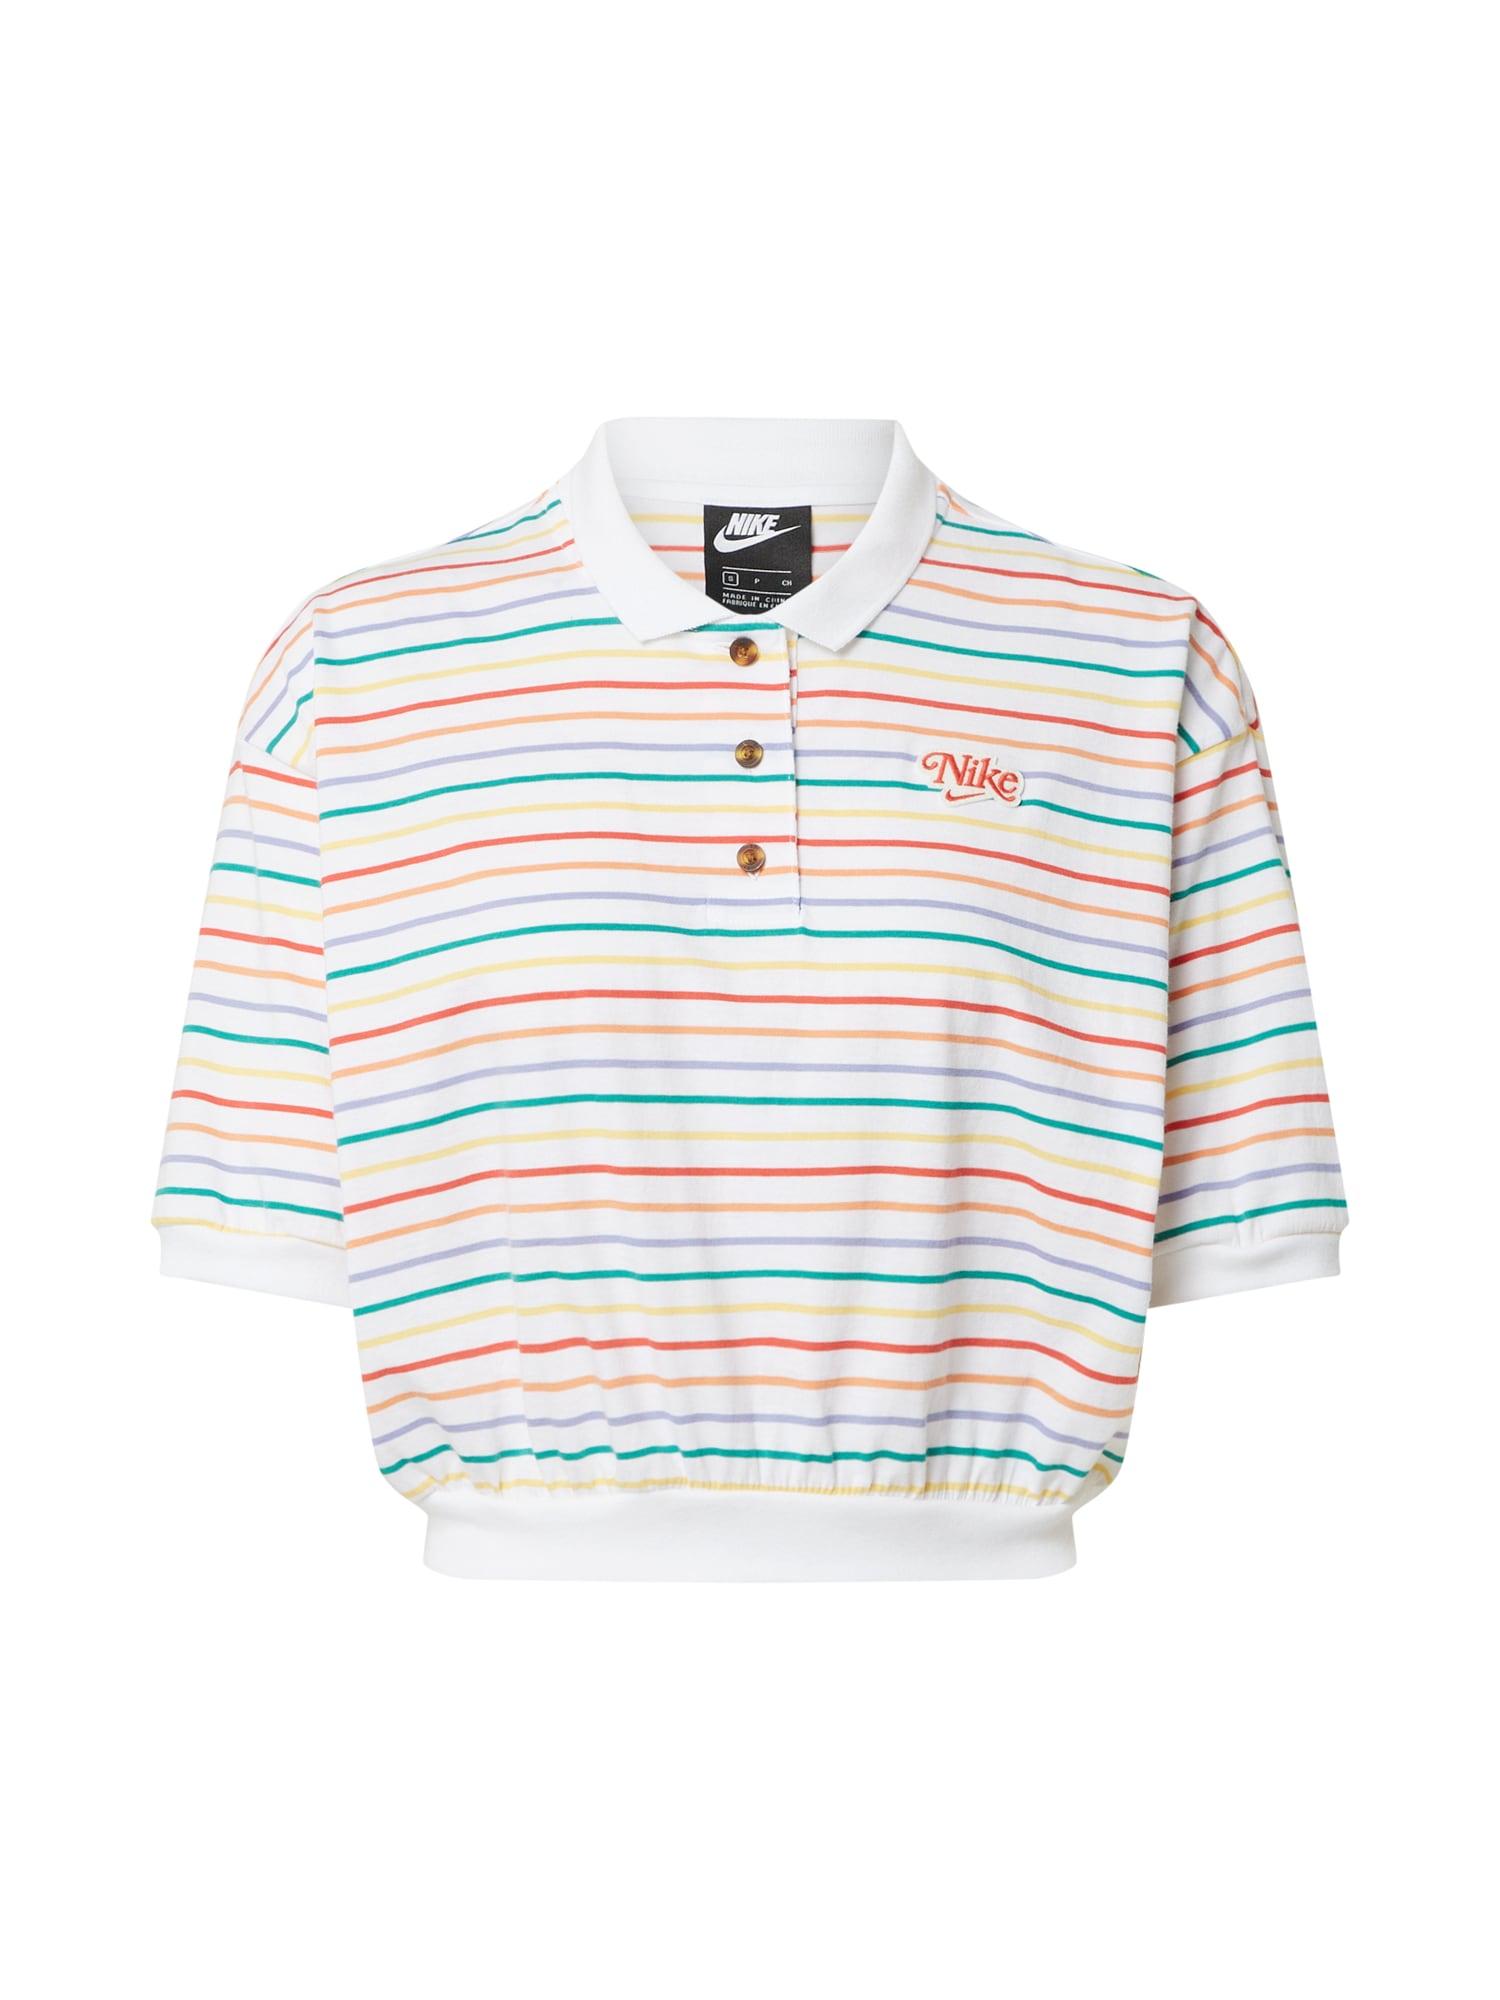 Nike Sportswear Marškinėliai mišrios spalvos / balta